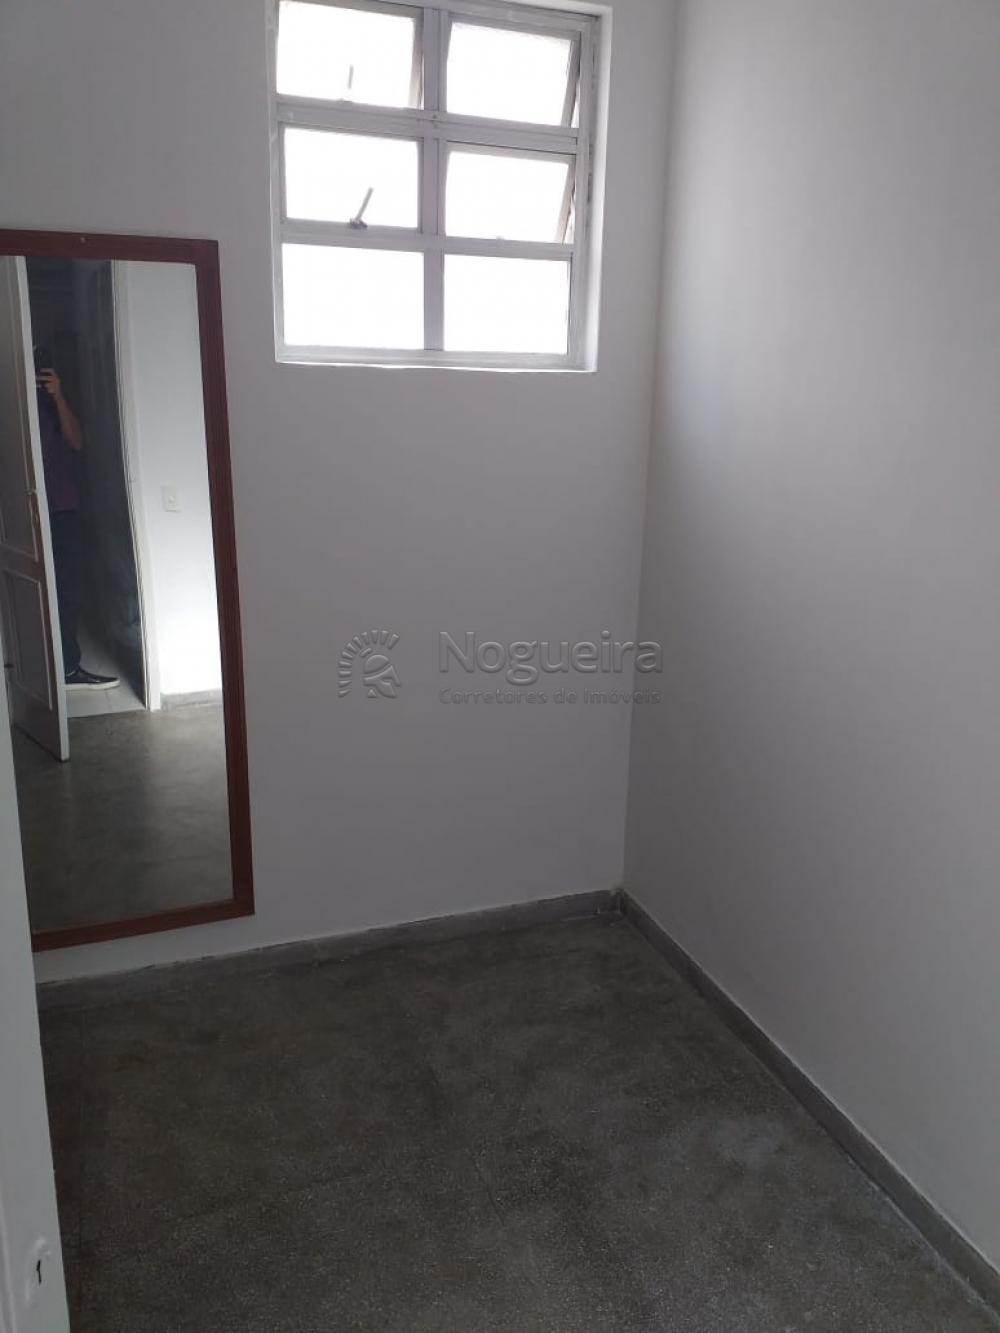 Excelente e amplo apartamento na Av. Boa Viagem com sala para 3 ambientes, 3 quartos sendo 1 suíte, armários, banheiro social, cozinha, área de serviço e dce.